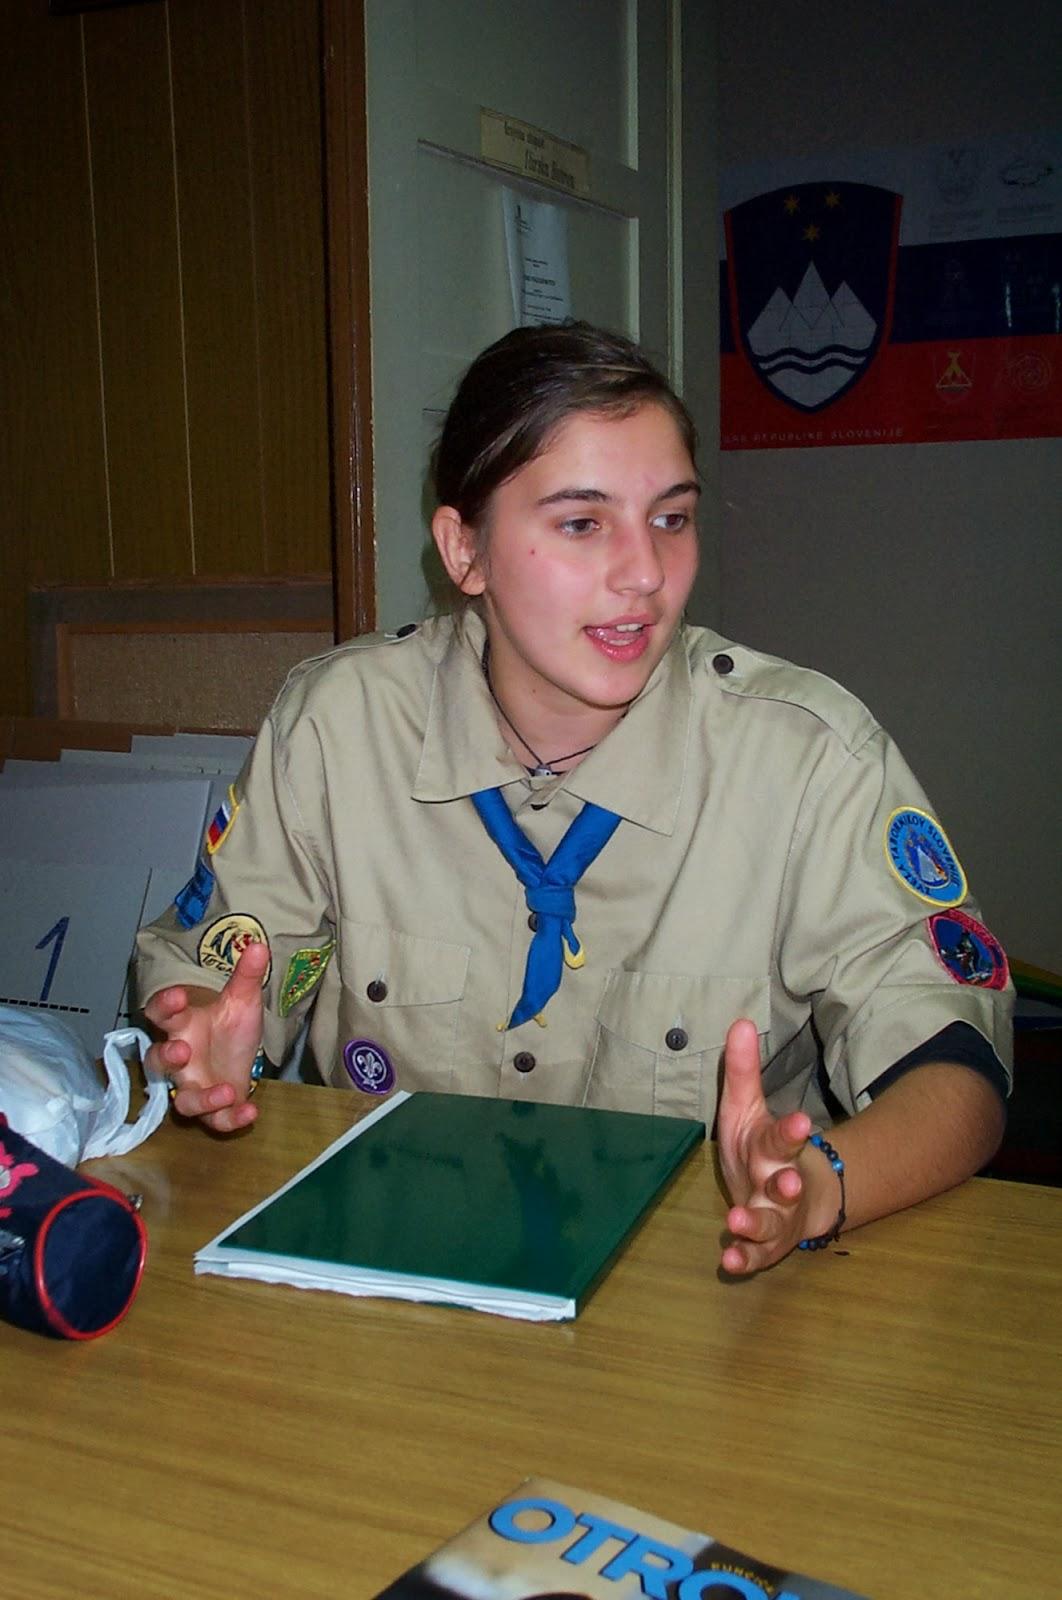 Sestanek vodnikov, Ilirska Bistrica - DCP_3481.JPG